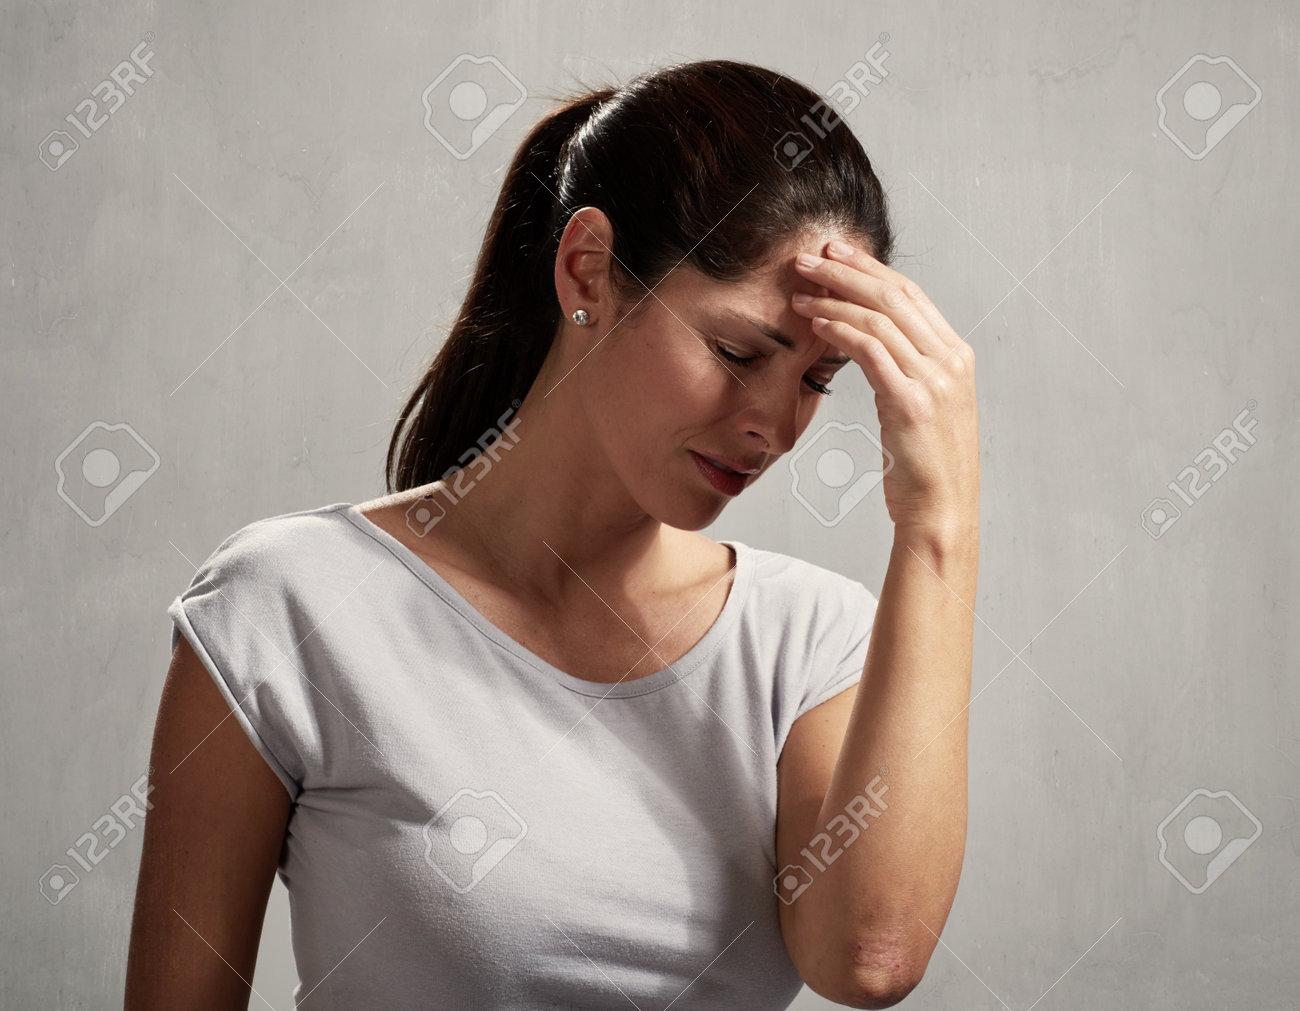 Woman headache Standard-Bild - 73292812